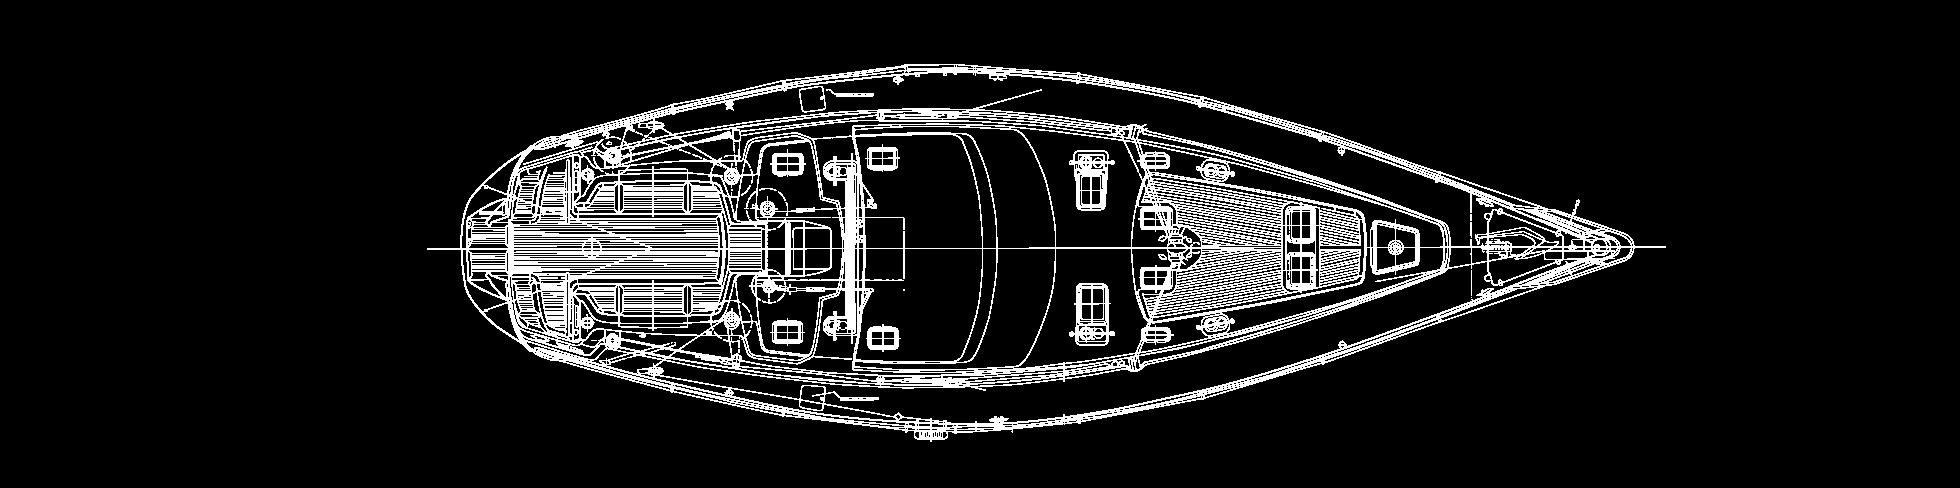 plan extérieur du voilier